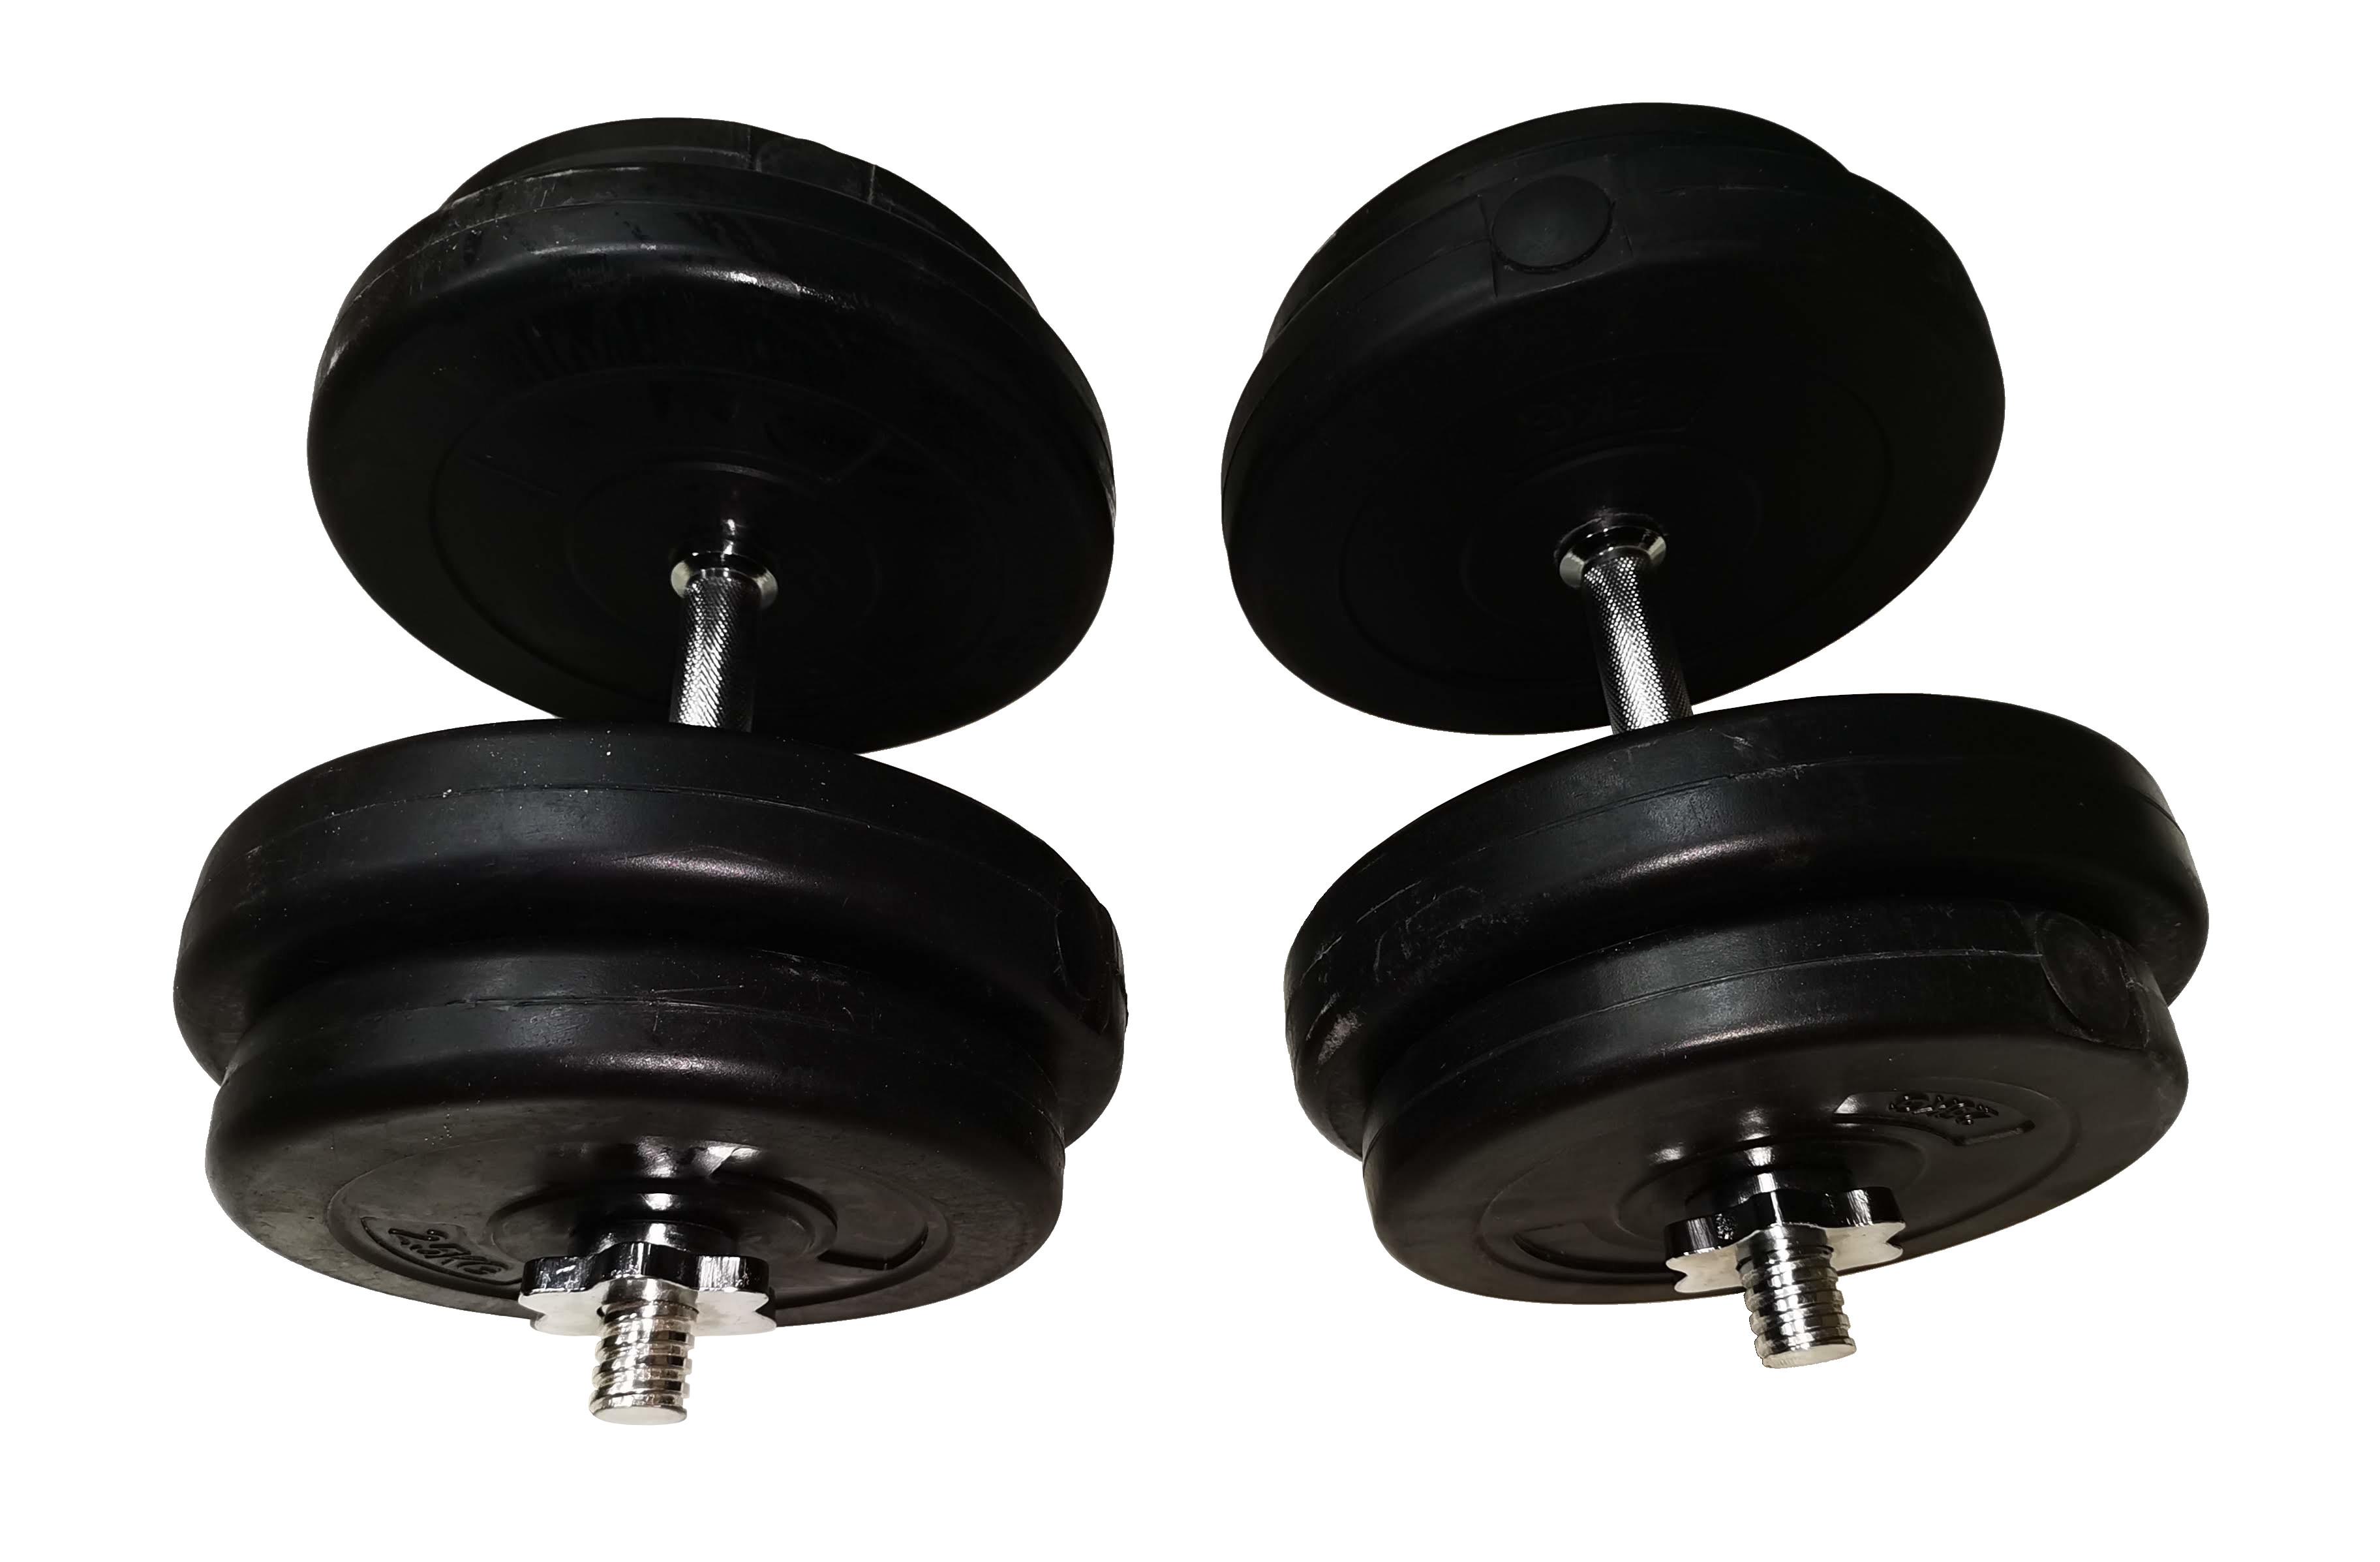 Jednoruční nakládací činkový set (kotouče s cementovou náplní) - 2 x 17 kg